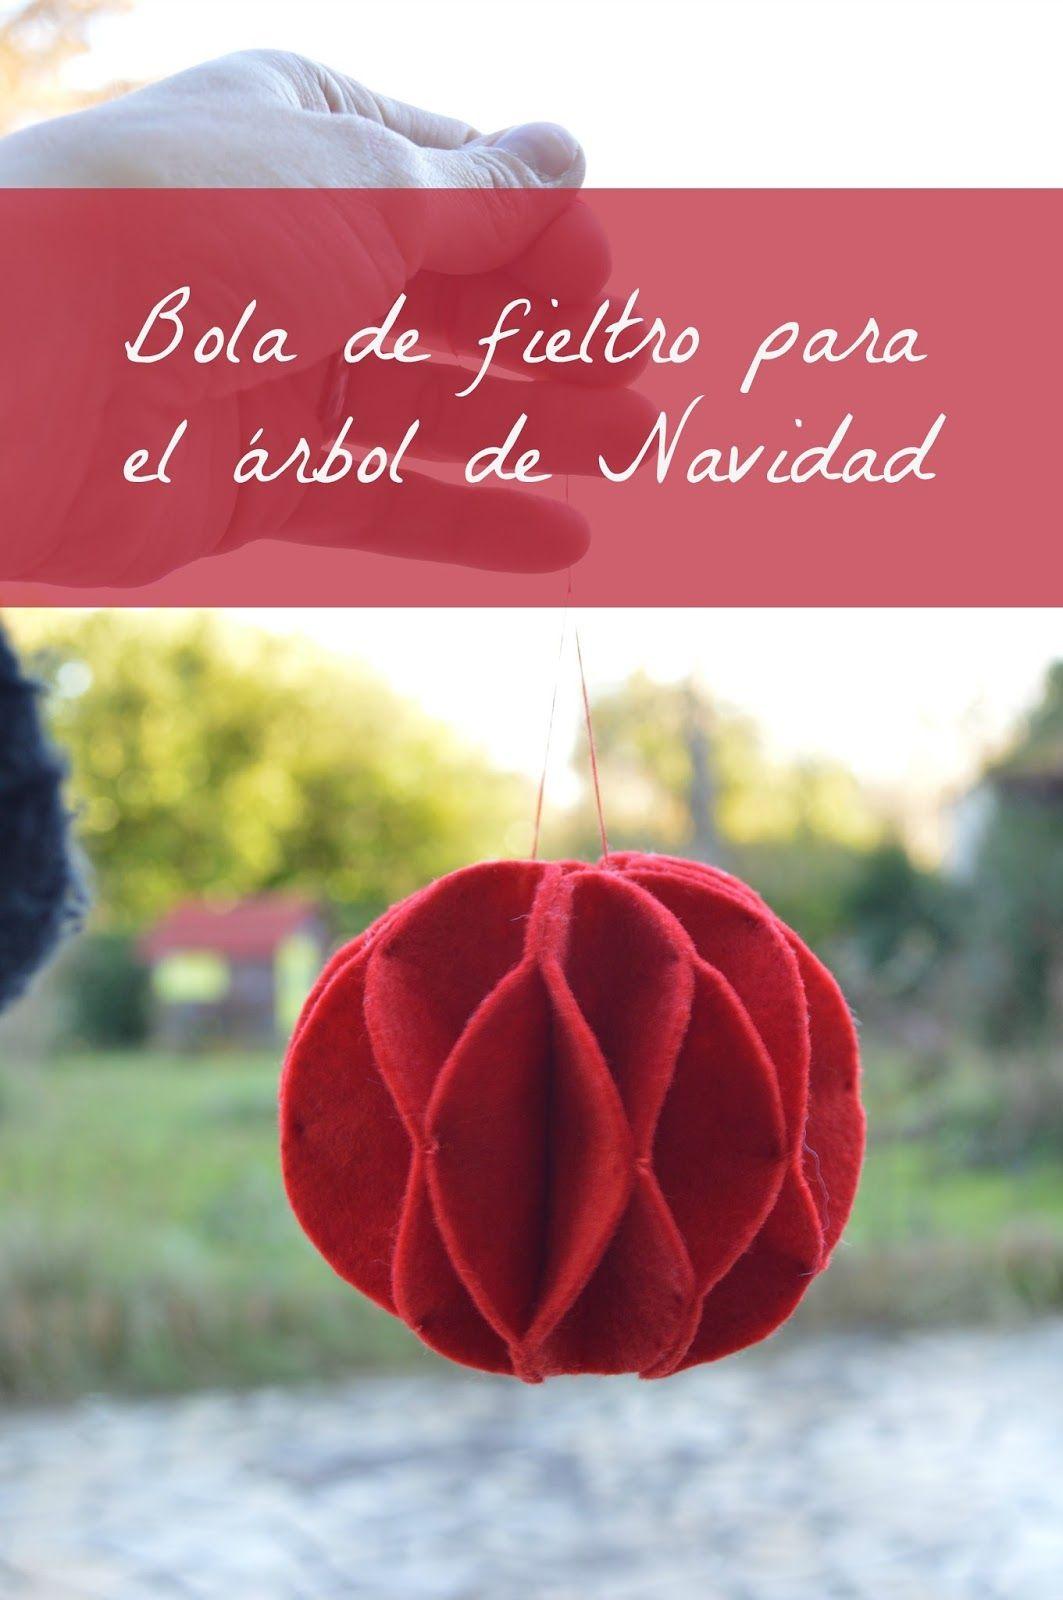 Bola para el rbol de navidad de fieltro elenarte - Bolas de navidad de fieltro ...